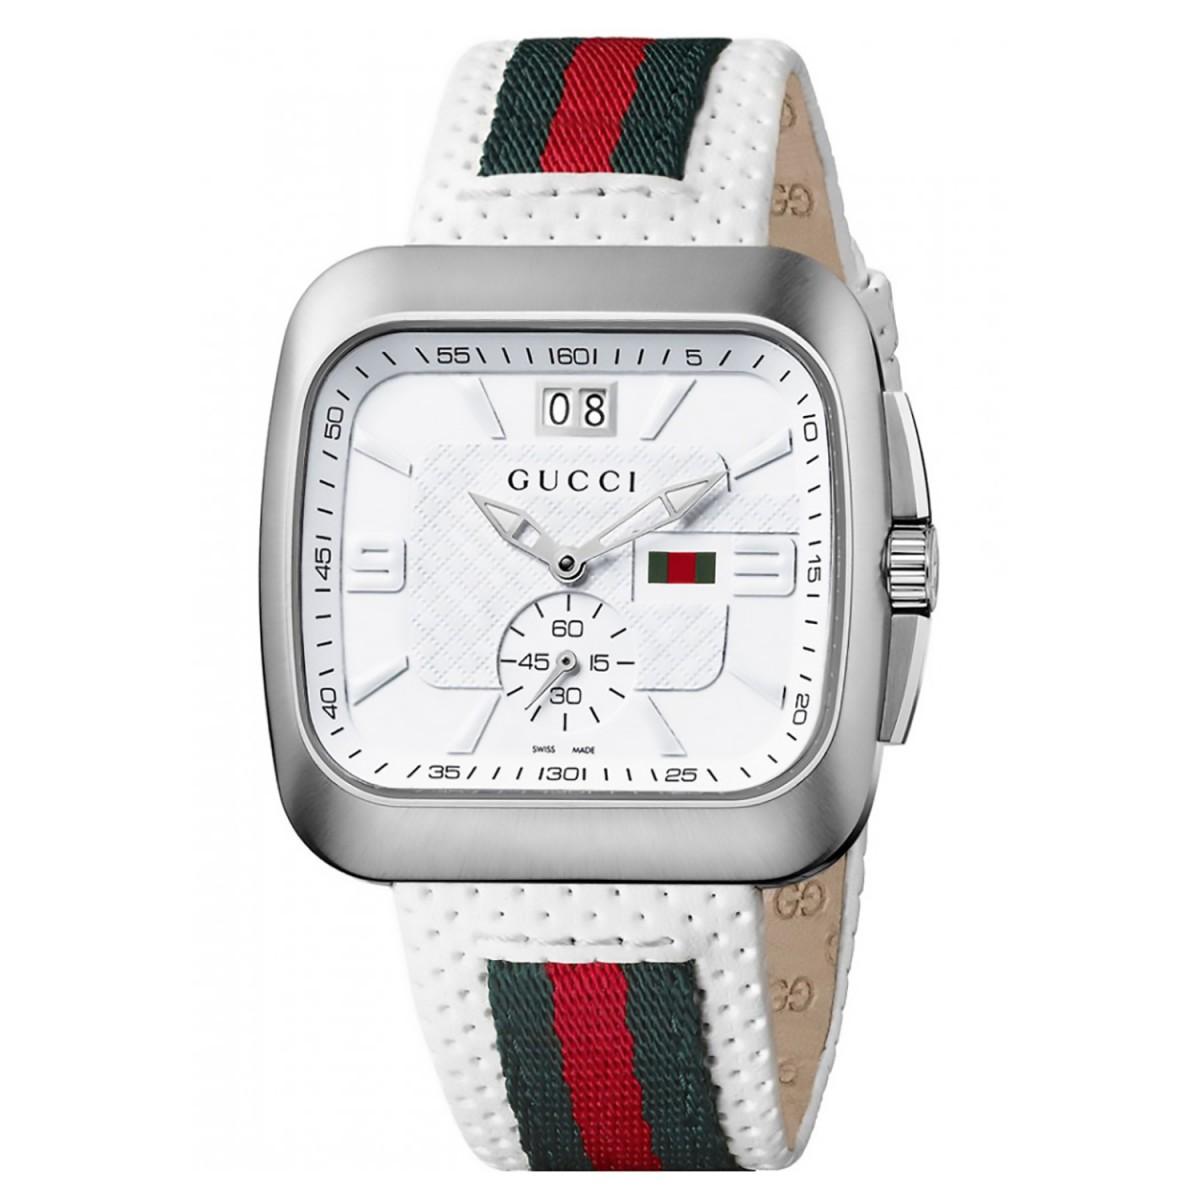 680525e280c Compre Relógio Gucci Coupè em 10X